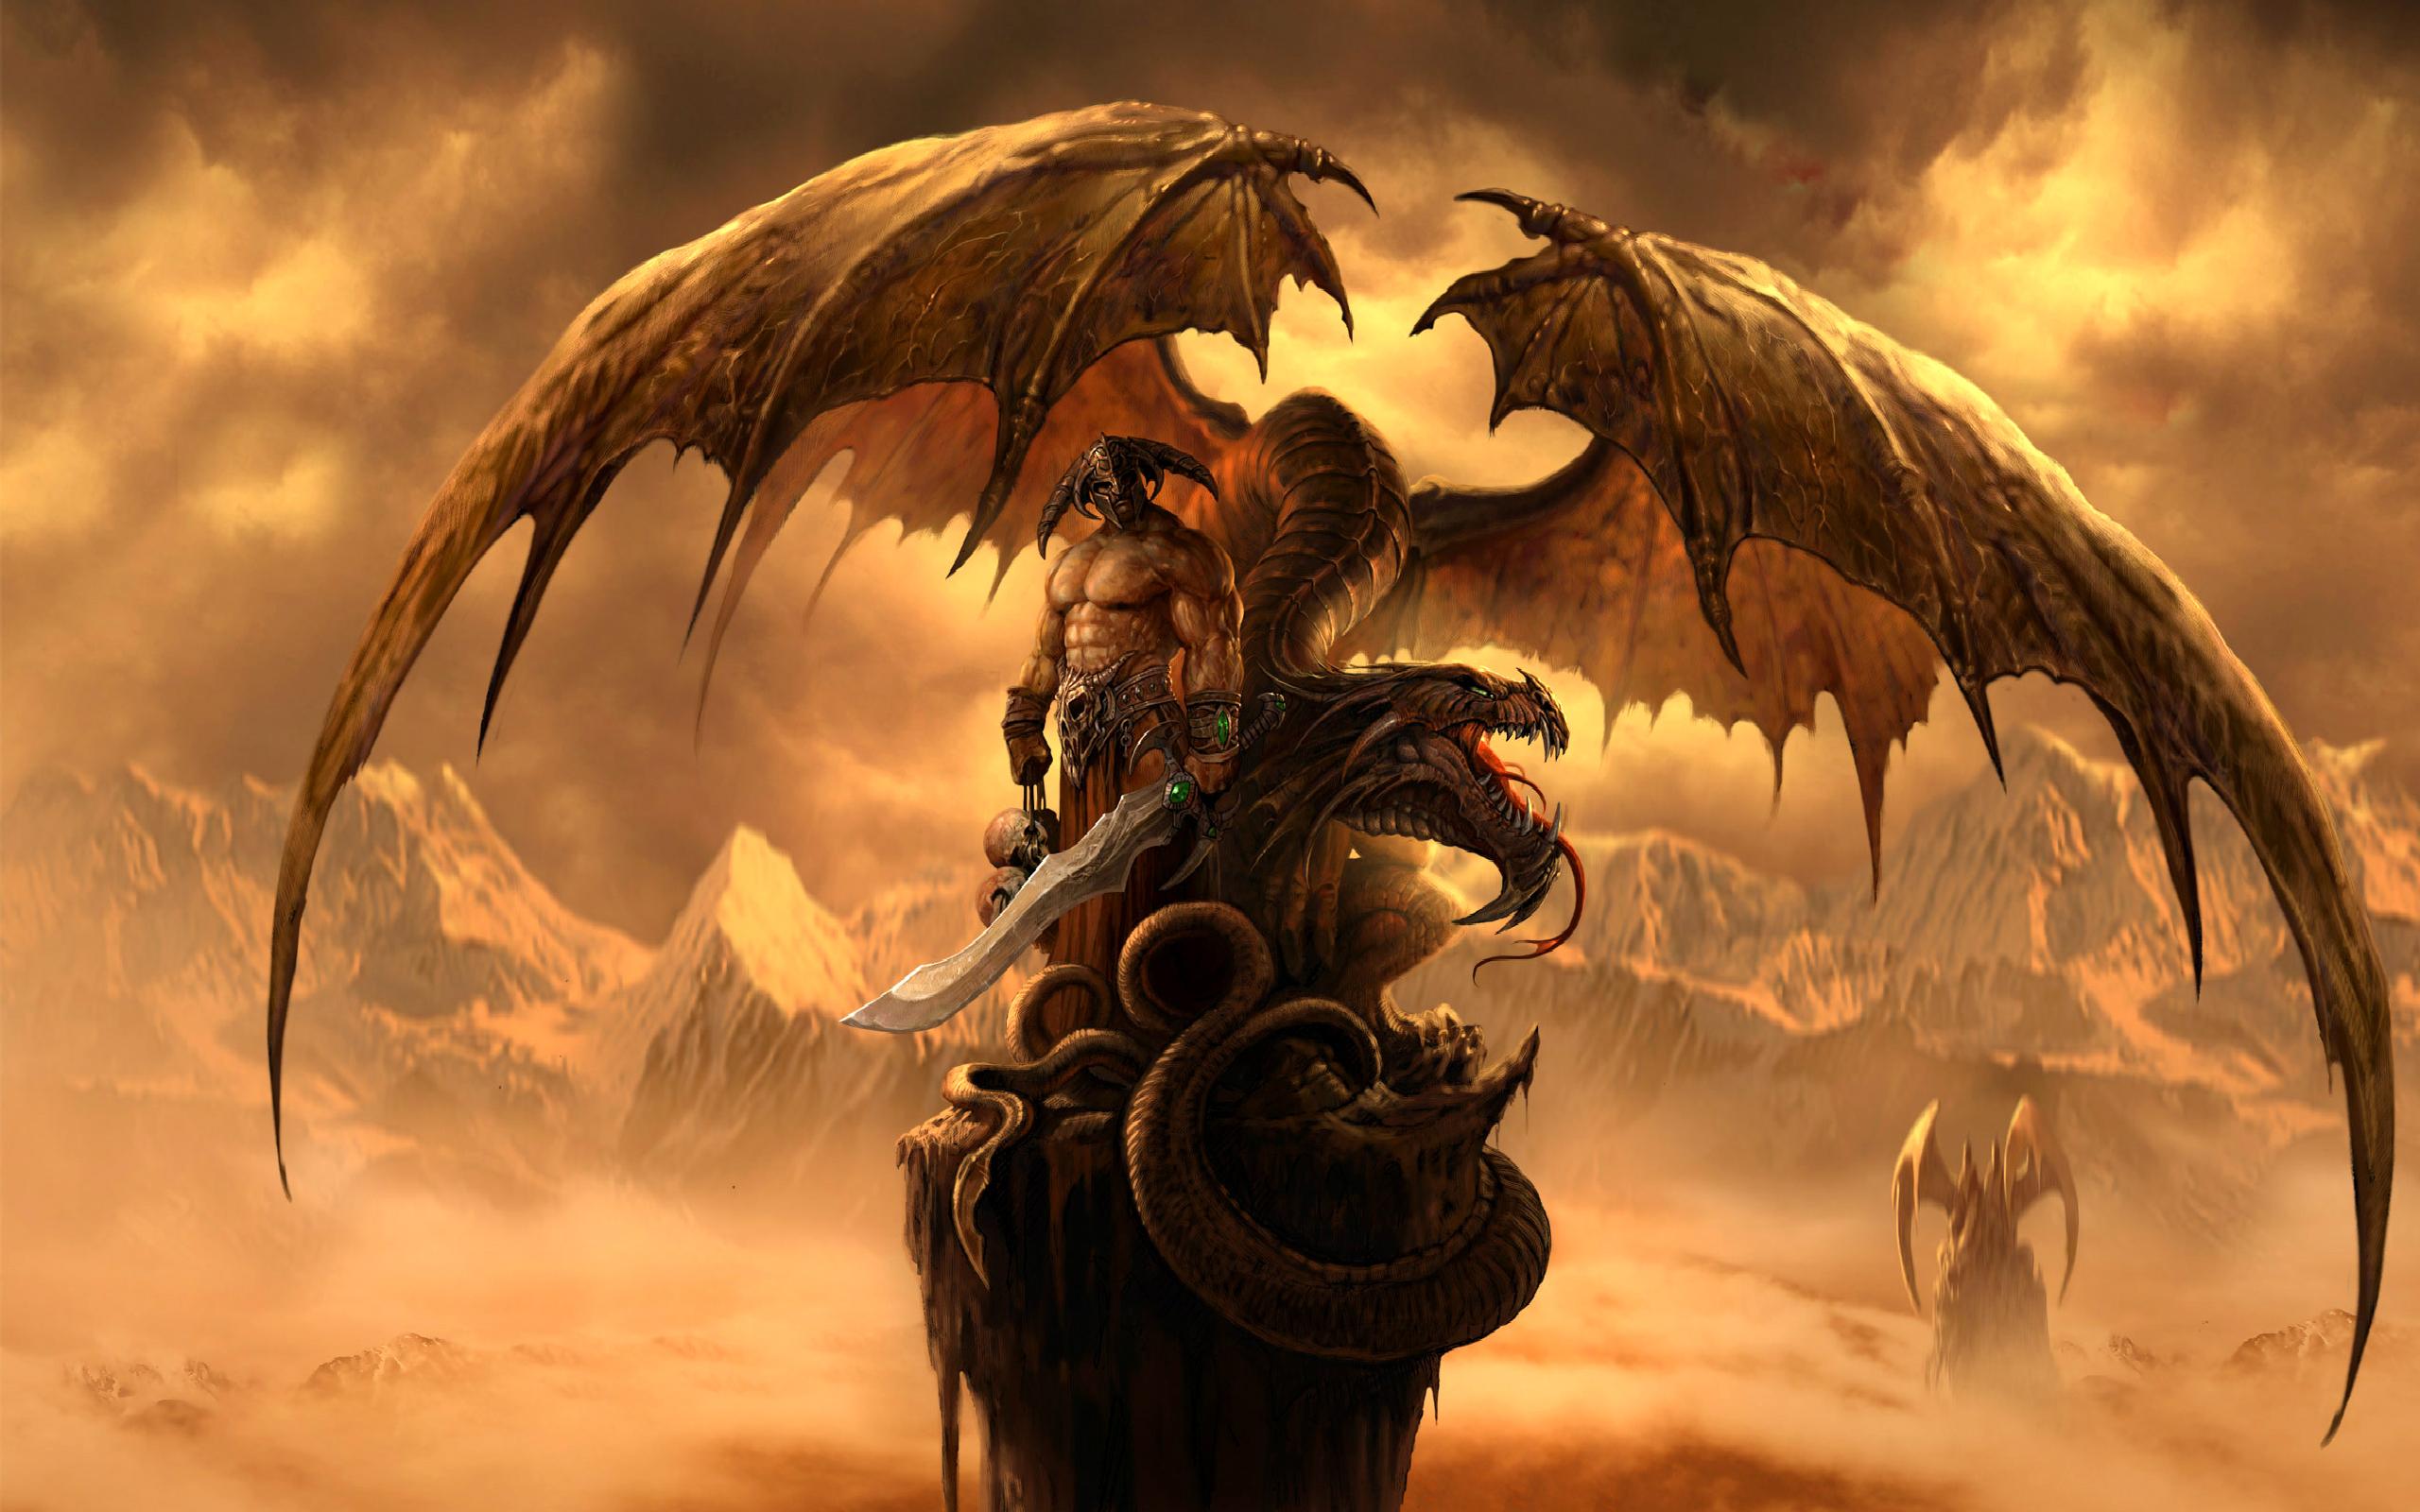 Fantasy Dragon Wallpaper Downloads